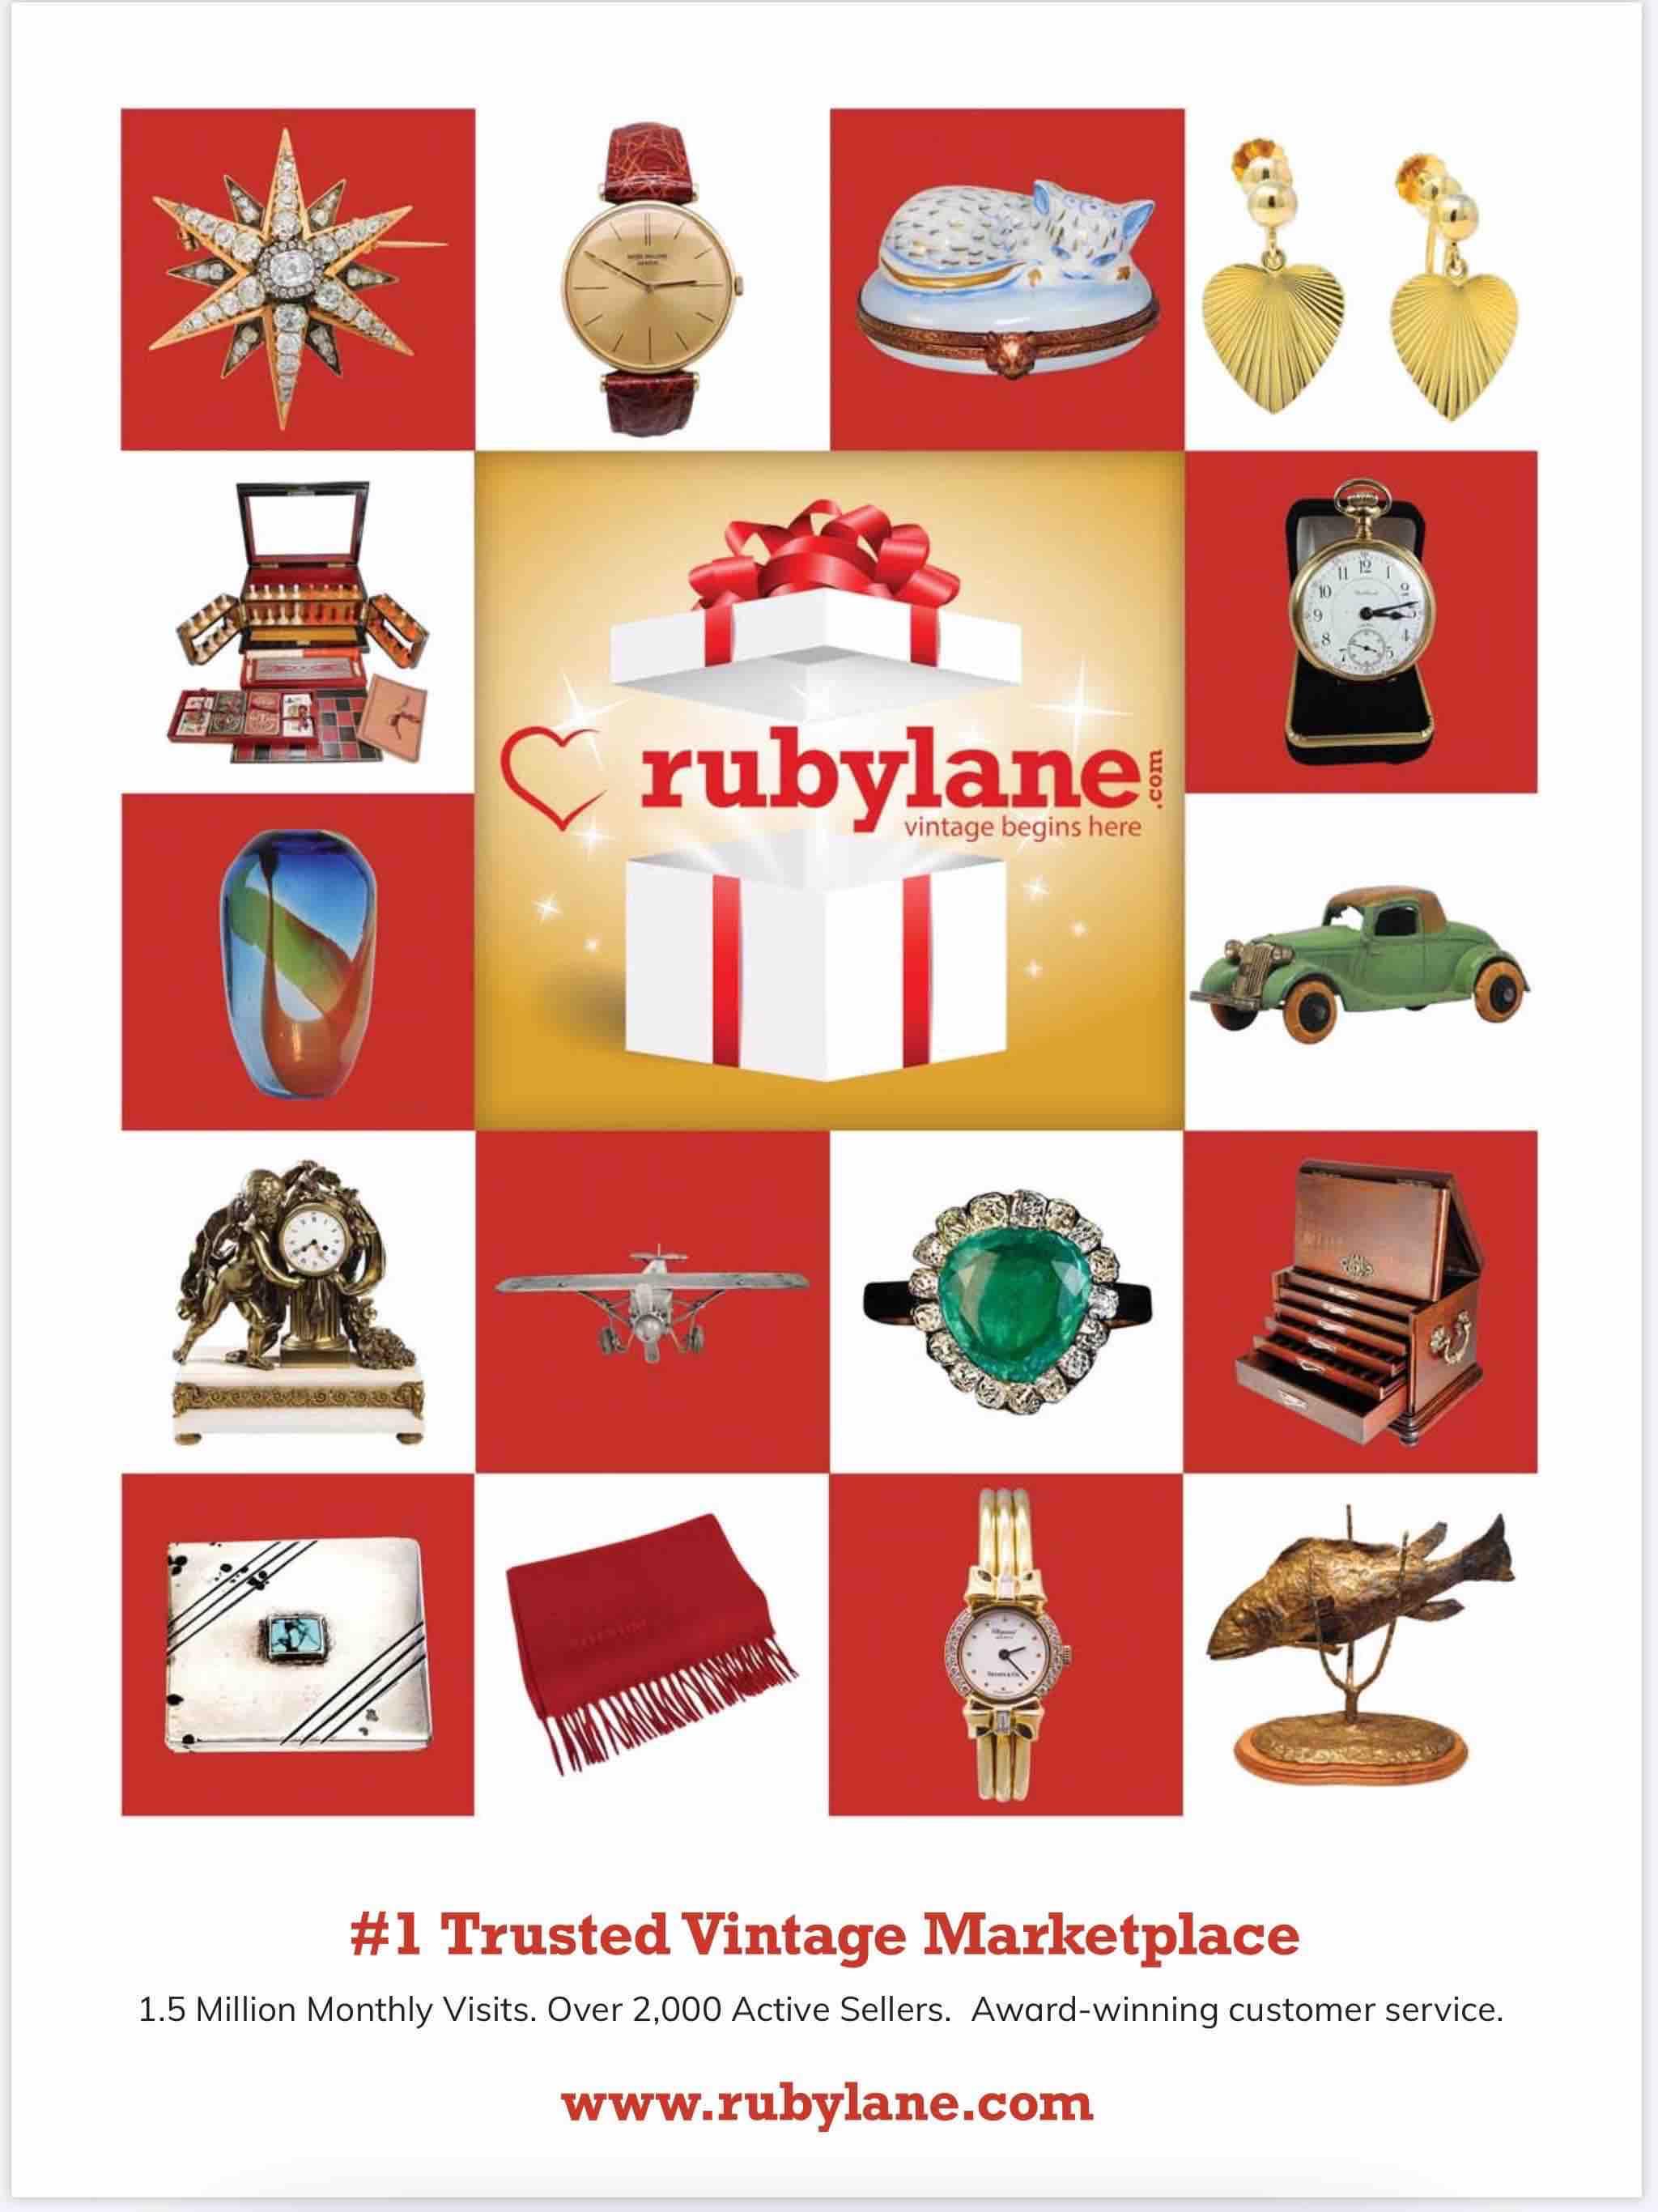 December 18, 2019, Antique Trader Magazine, Trending at RubyLane.com image 3